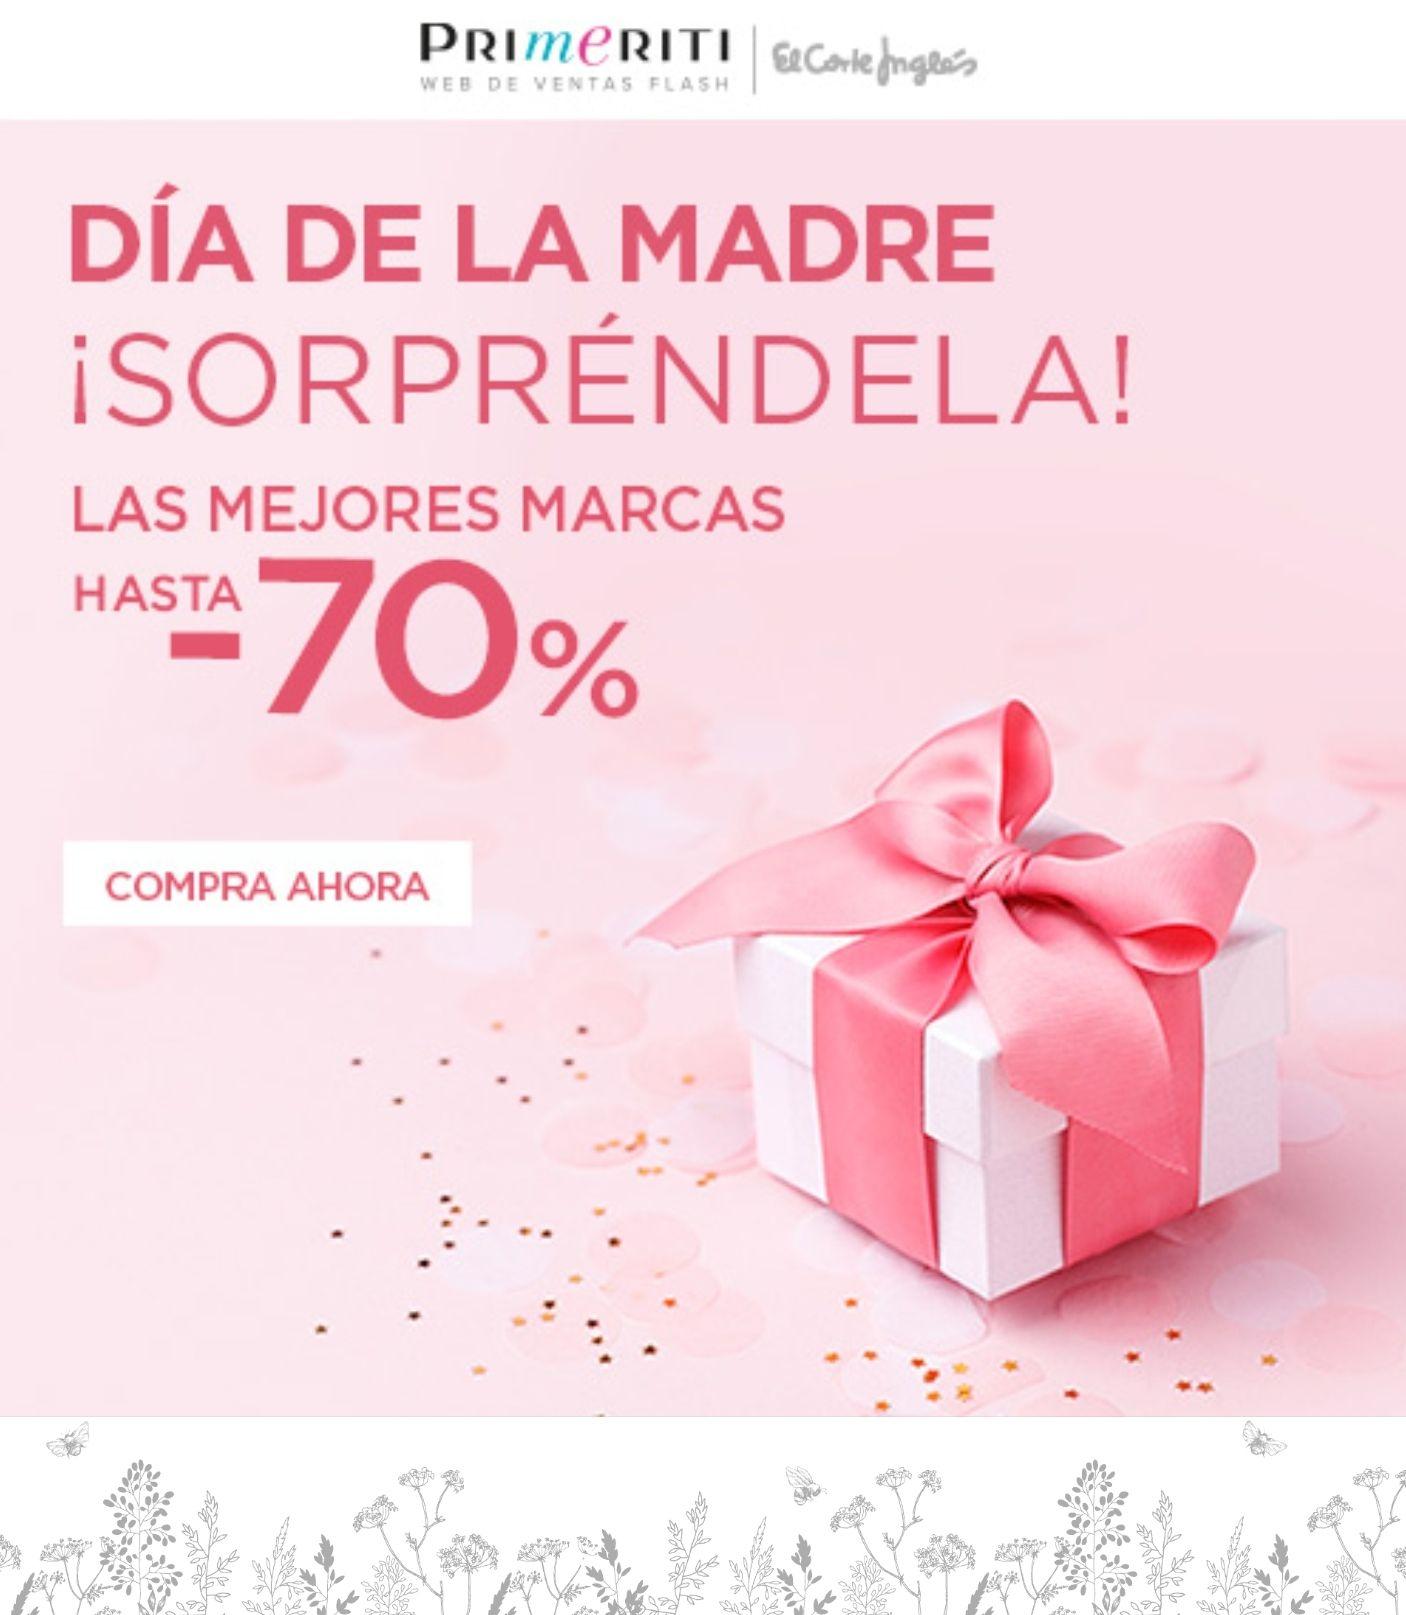 Hasta -70% dto en grandes marcas y envío gratuito ¡Más fácil no se puede! Primeriti....El corte Inglés